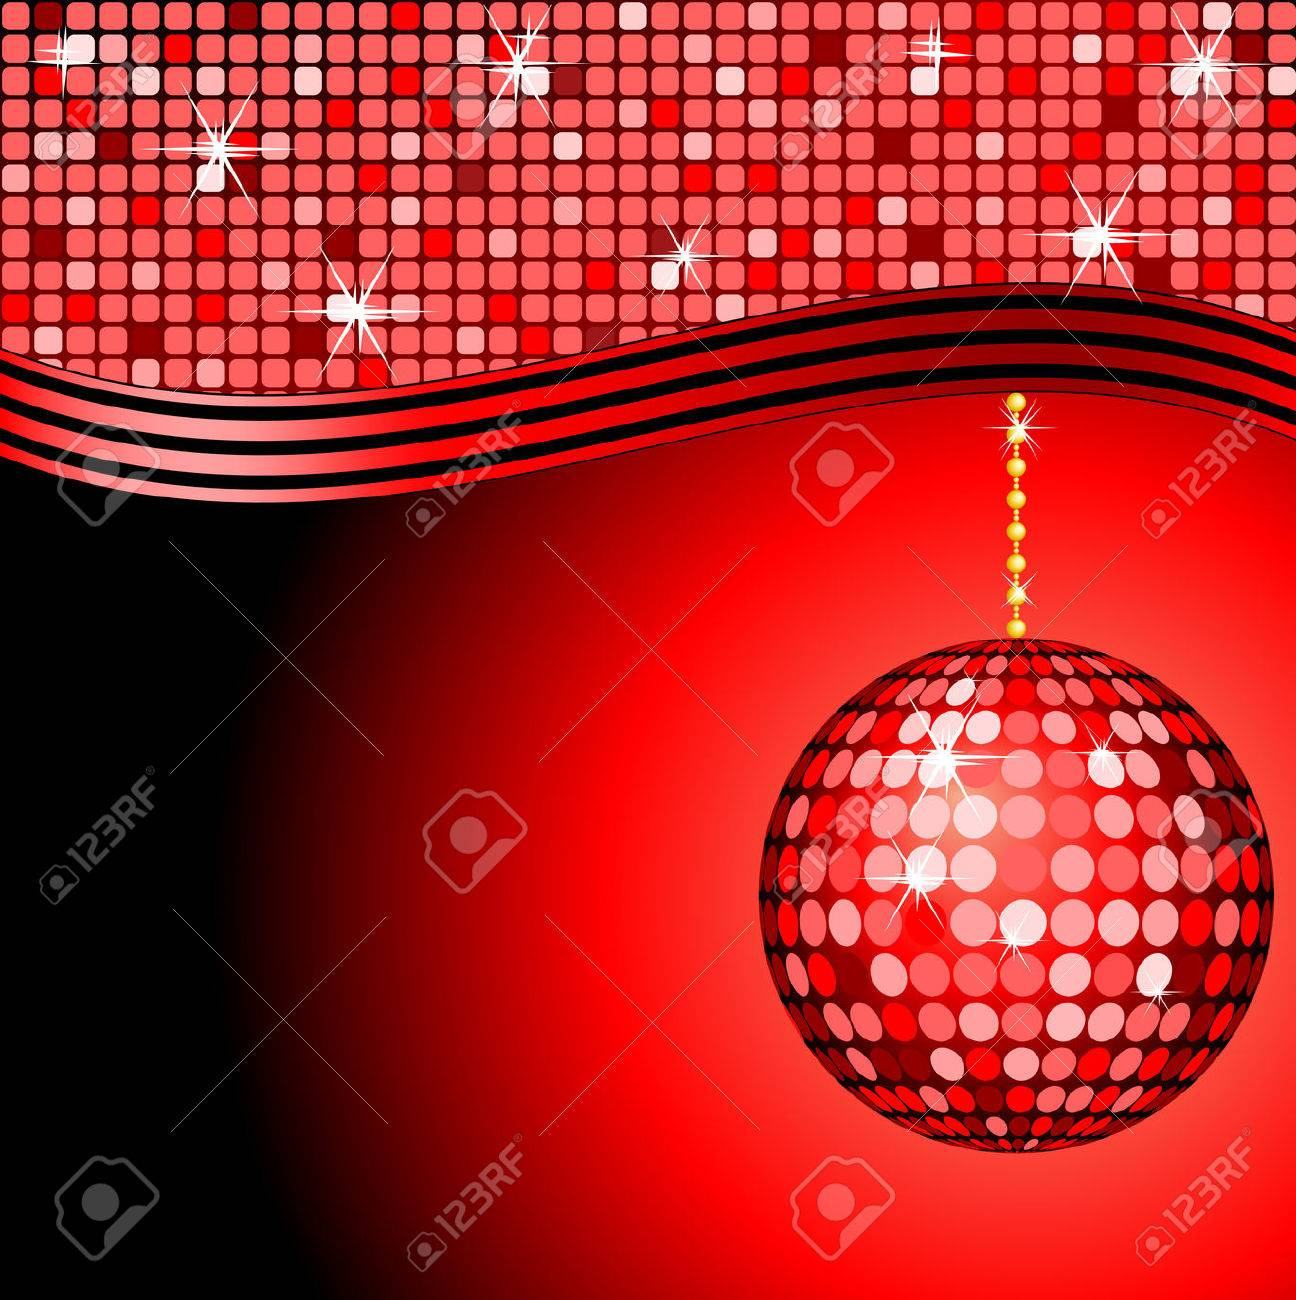 abstracte rode disco bal op een rode mozaà ek achtergrond royalty